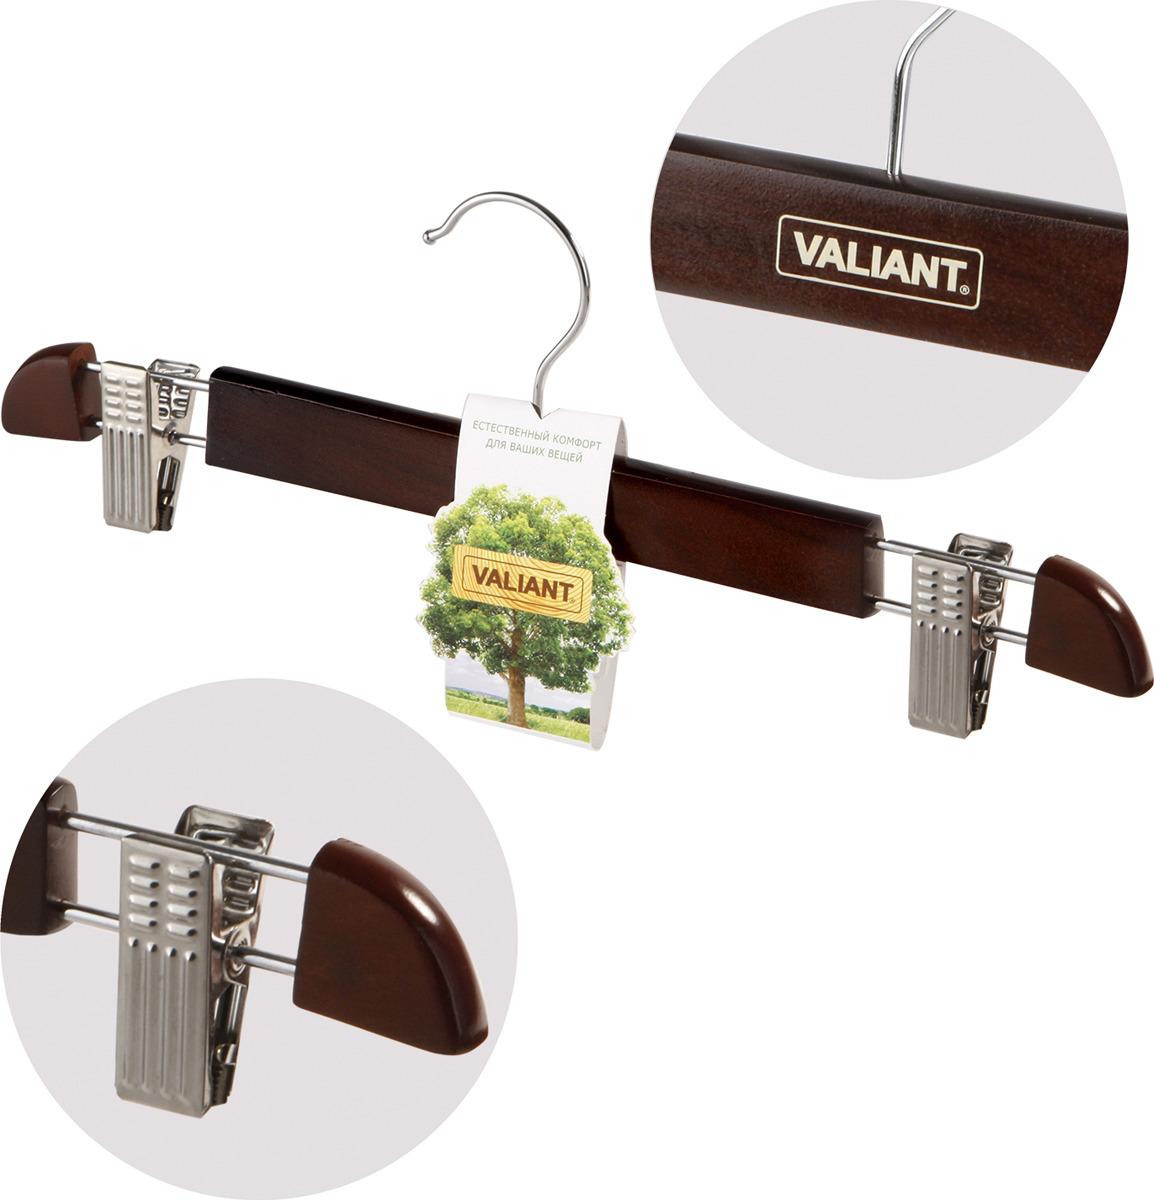 Вешалка для брюк Valiant, с зажимами, цвет: коричневый цена и фото